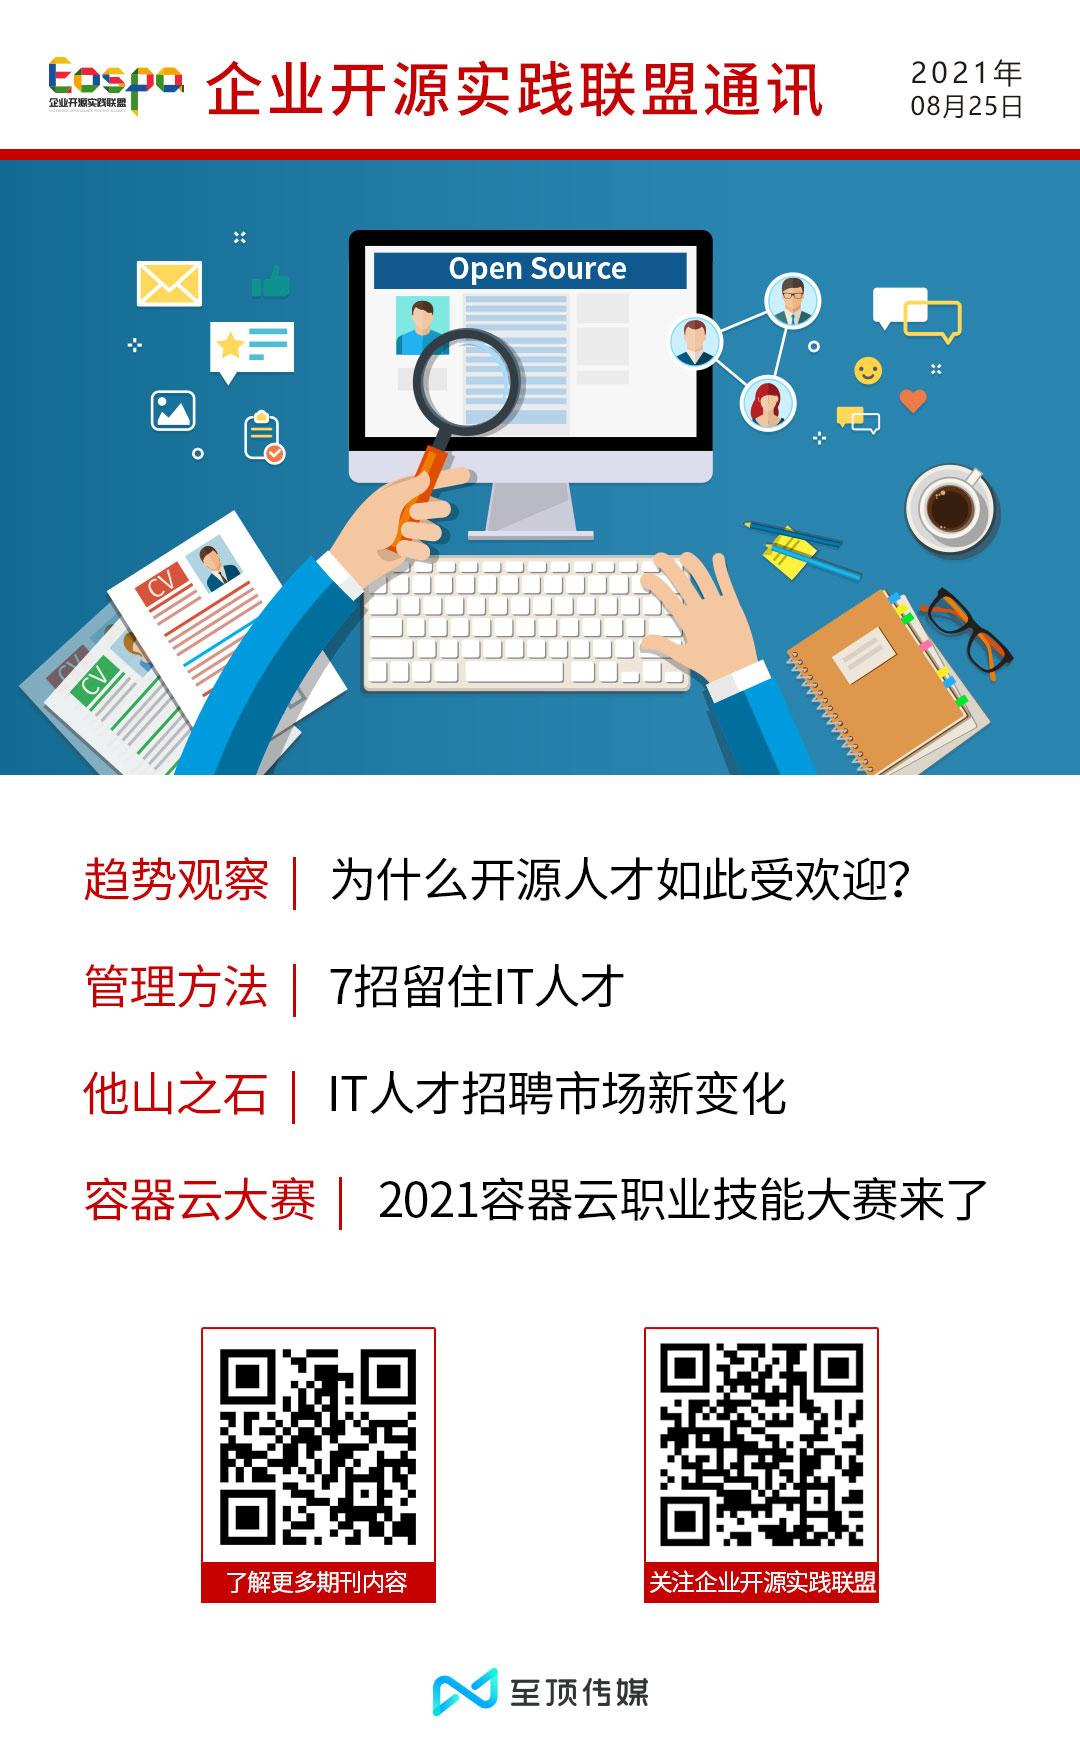 《企业开源实践联盟通讯》第二十一期 - 至顶网